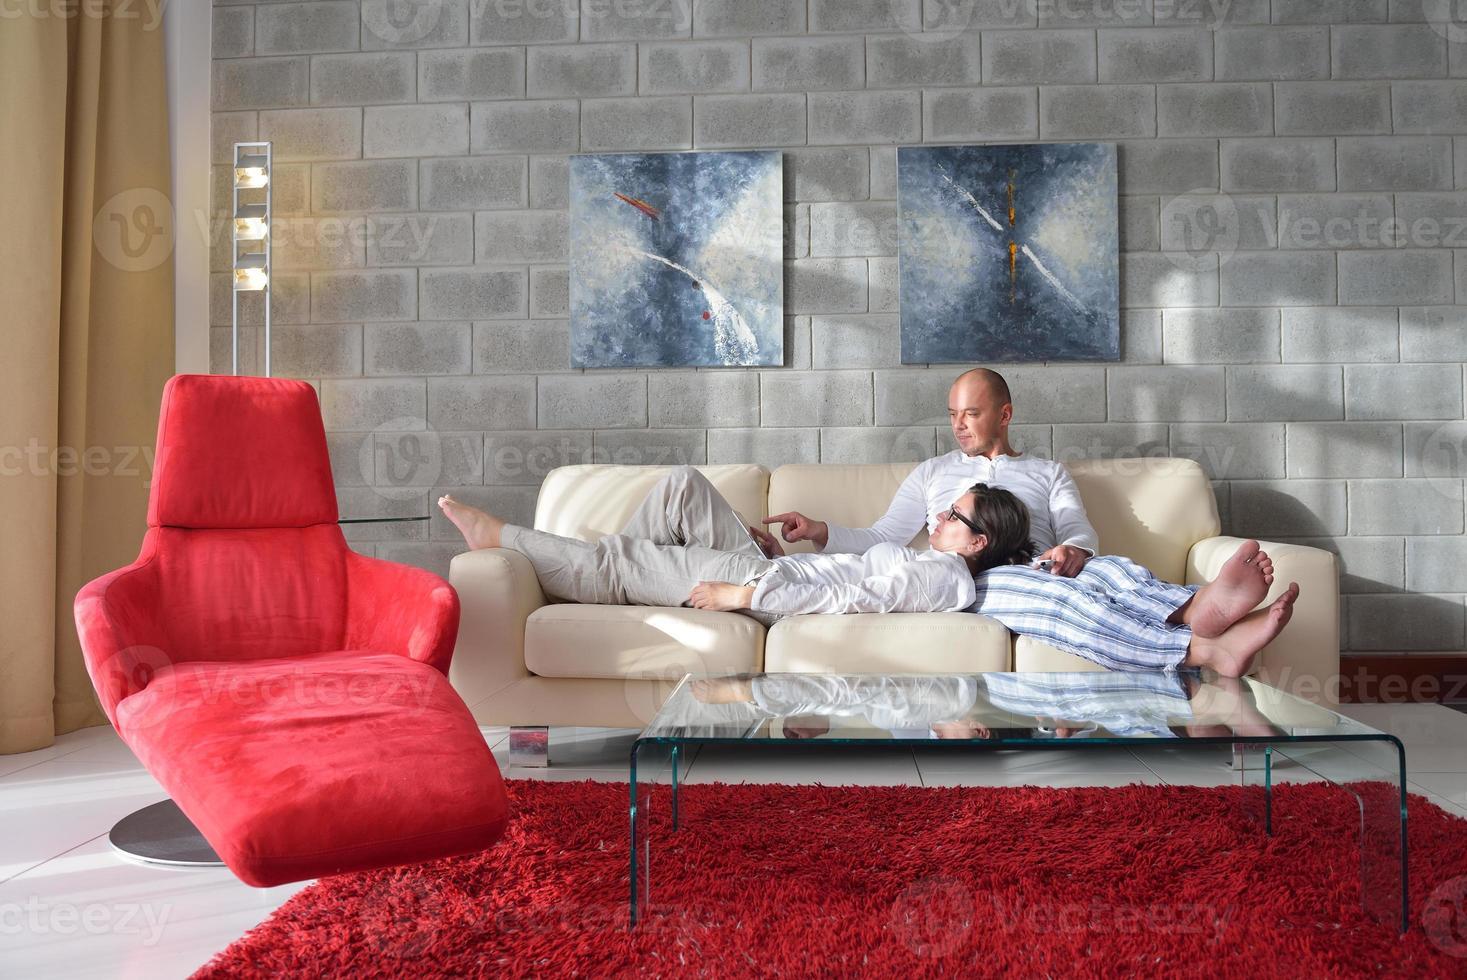 jovem casal usando computador tablet em casa foto